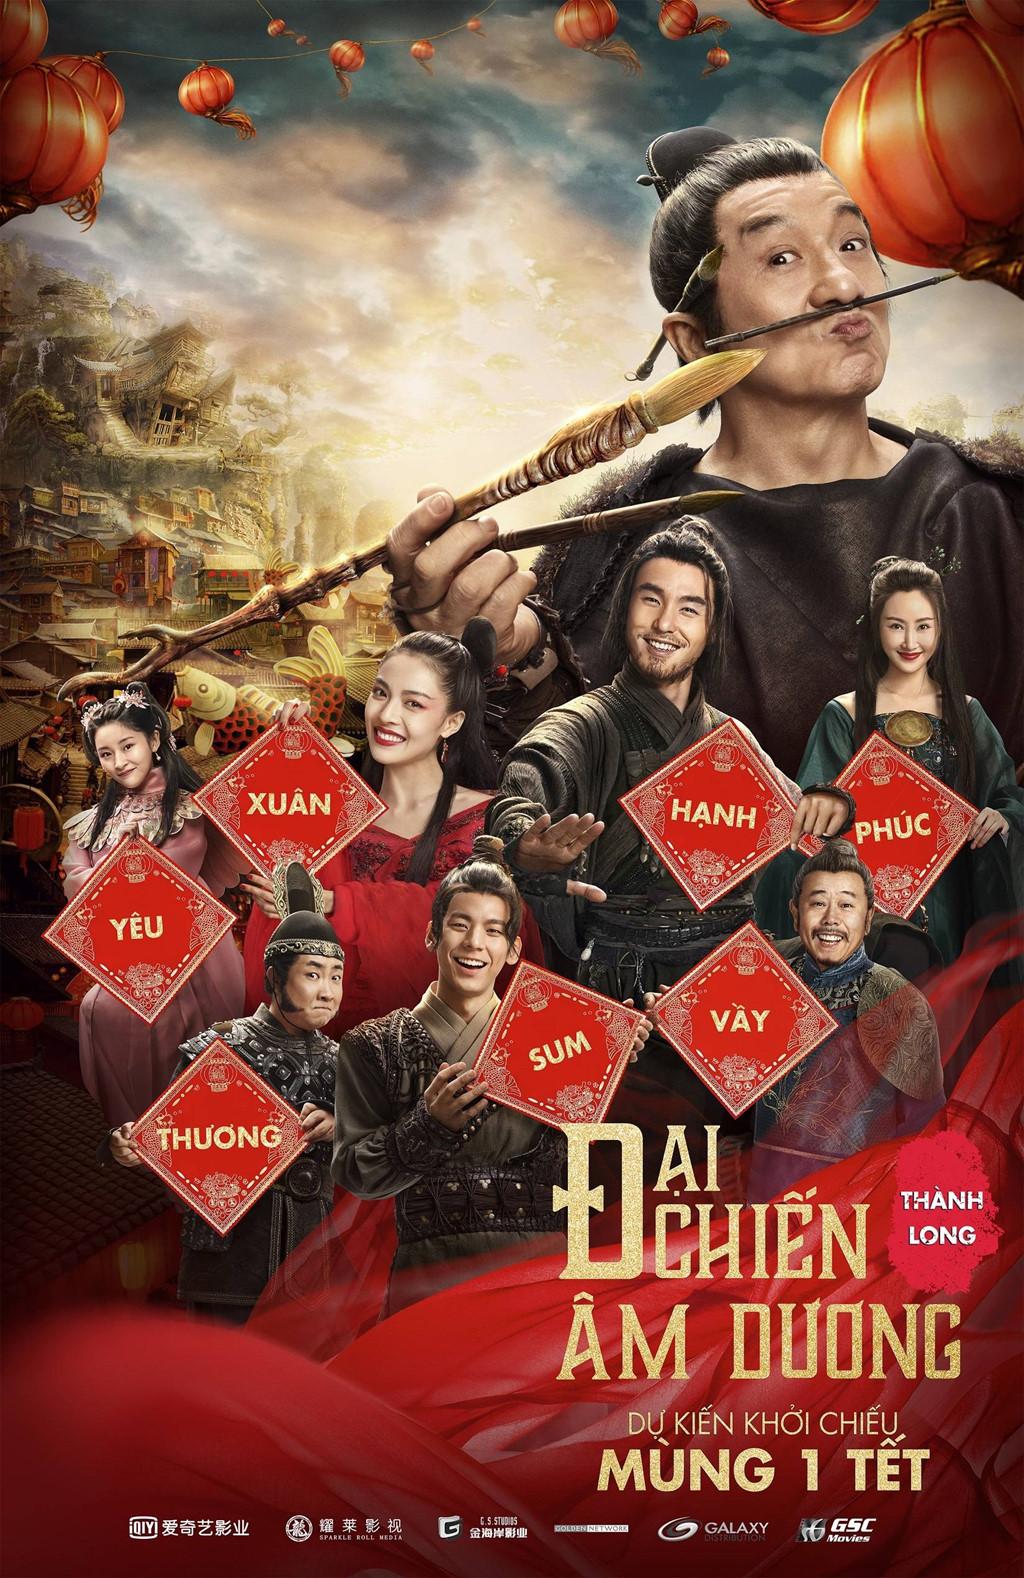 'Dai chien am duong': Cau chuyen tru yeu vui nhon cua Thanh Long hinh anh 1